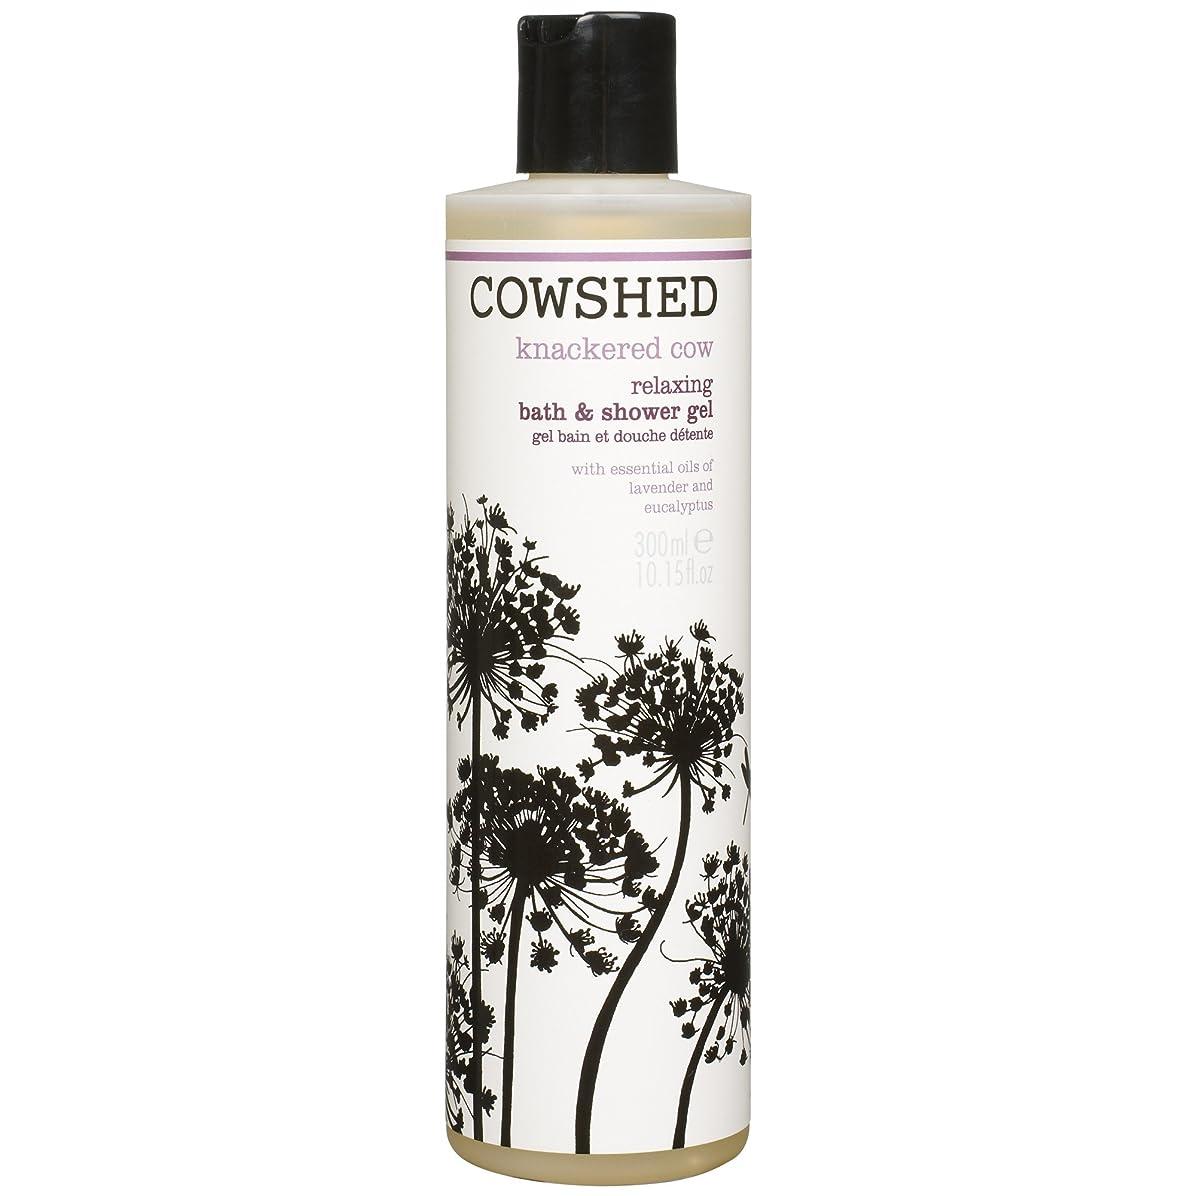 一見スペイン振りかける牛舎は、バス&シャワージェル300ミリリットルを緩和牛をくたくたに疲れました (Cowshed) (x6) - Cowshed Knackered Cow Relaxing Bath & Shower Gel 300ml (Pack of 6) [並行輸入品]